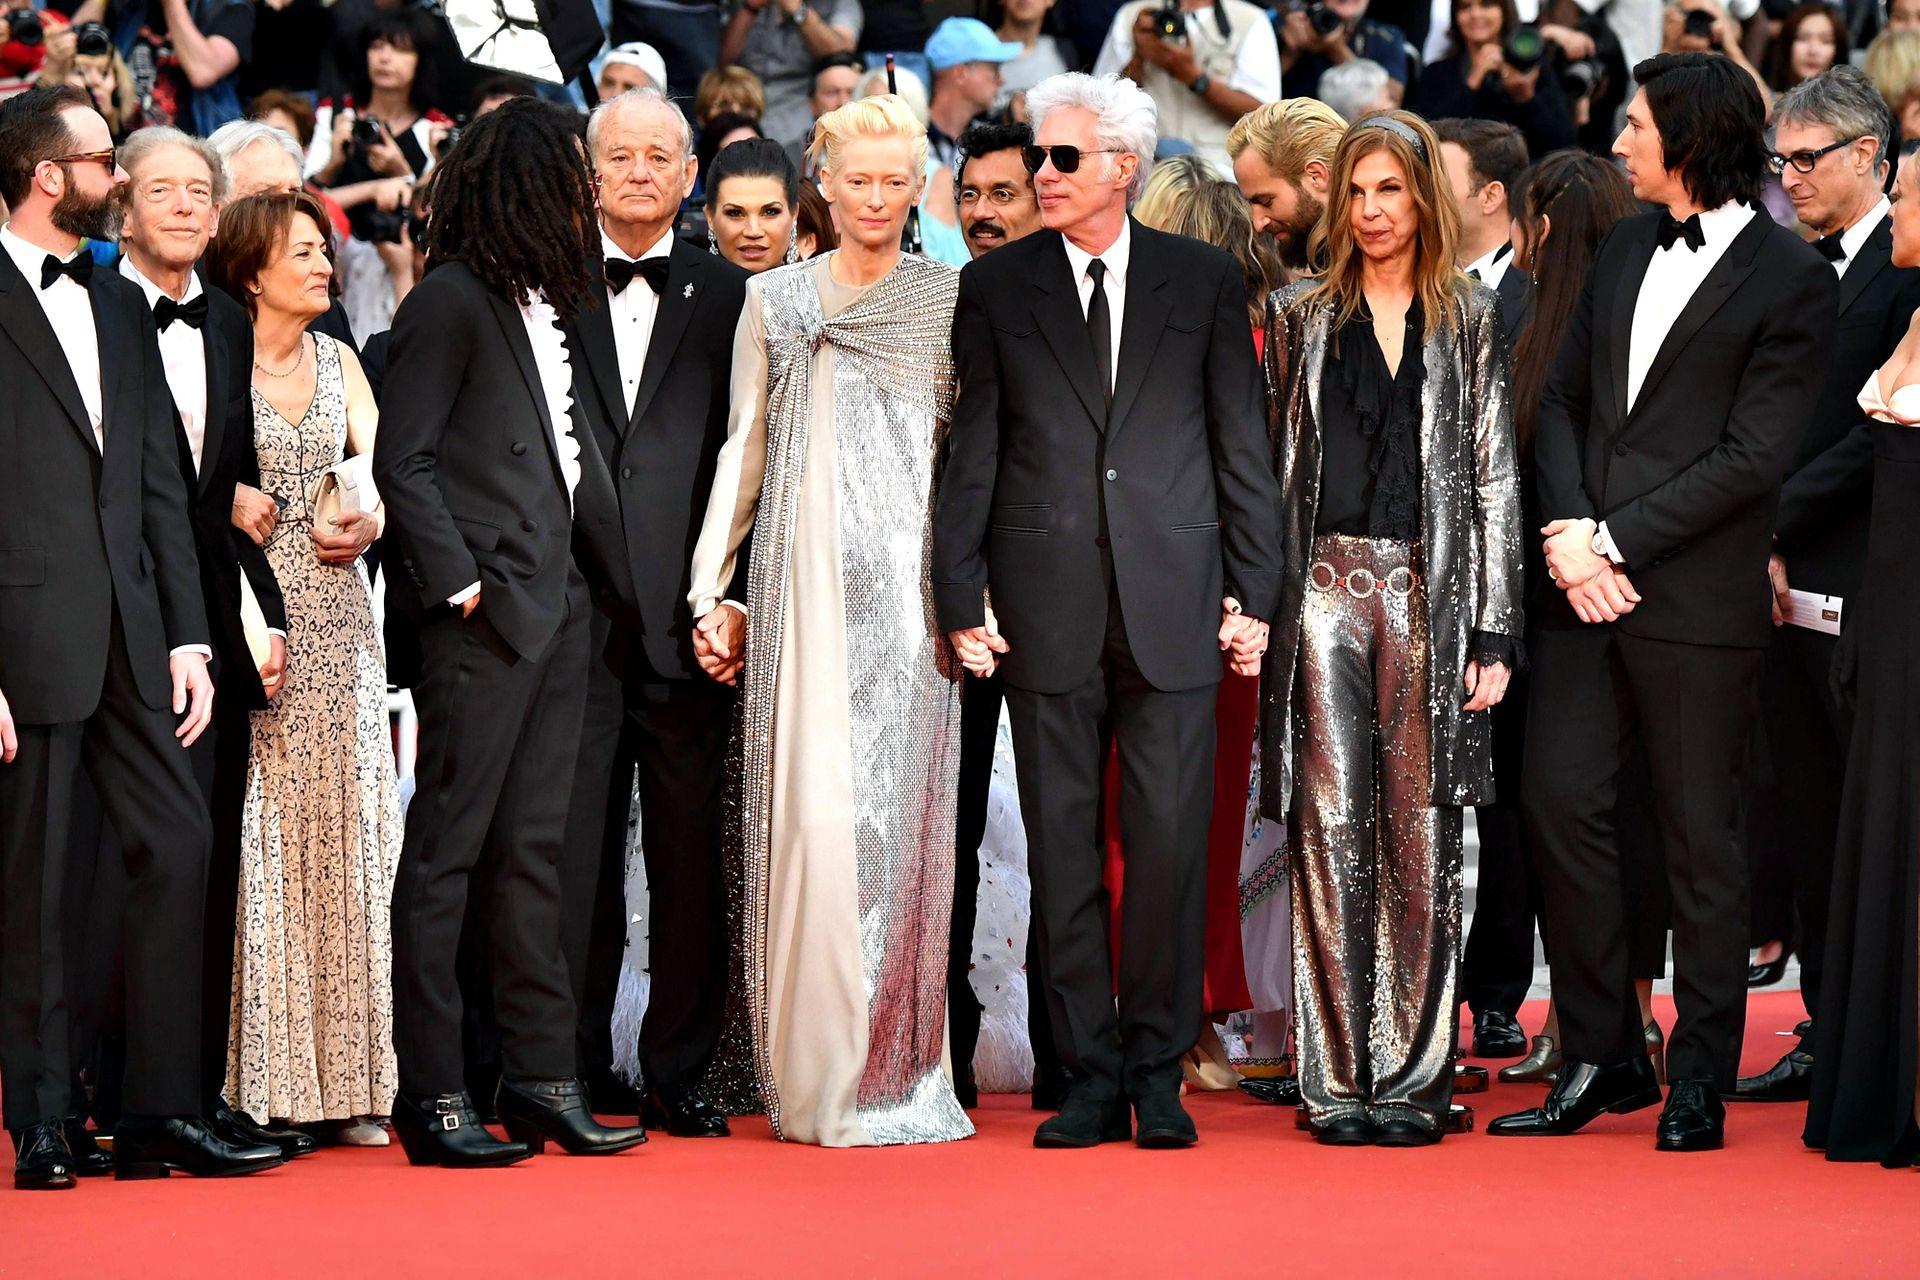 En el centro, Bill Murray, la actriz y modelo británica Tilda Swinton, junto al director de cine, guionista y actor estadounidense Jim Jarmusch